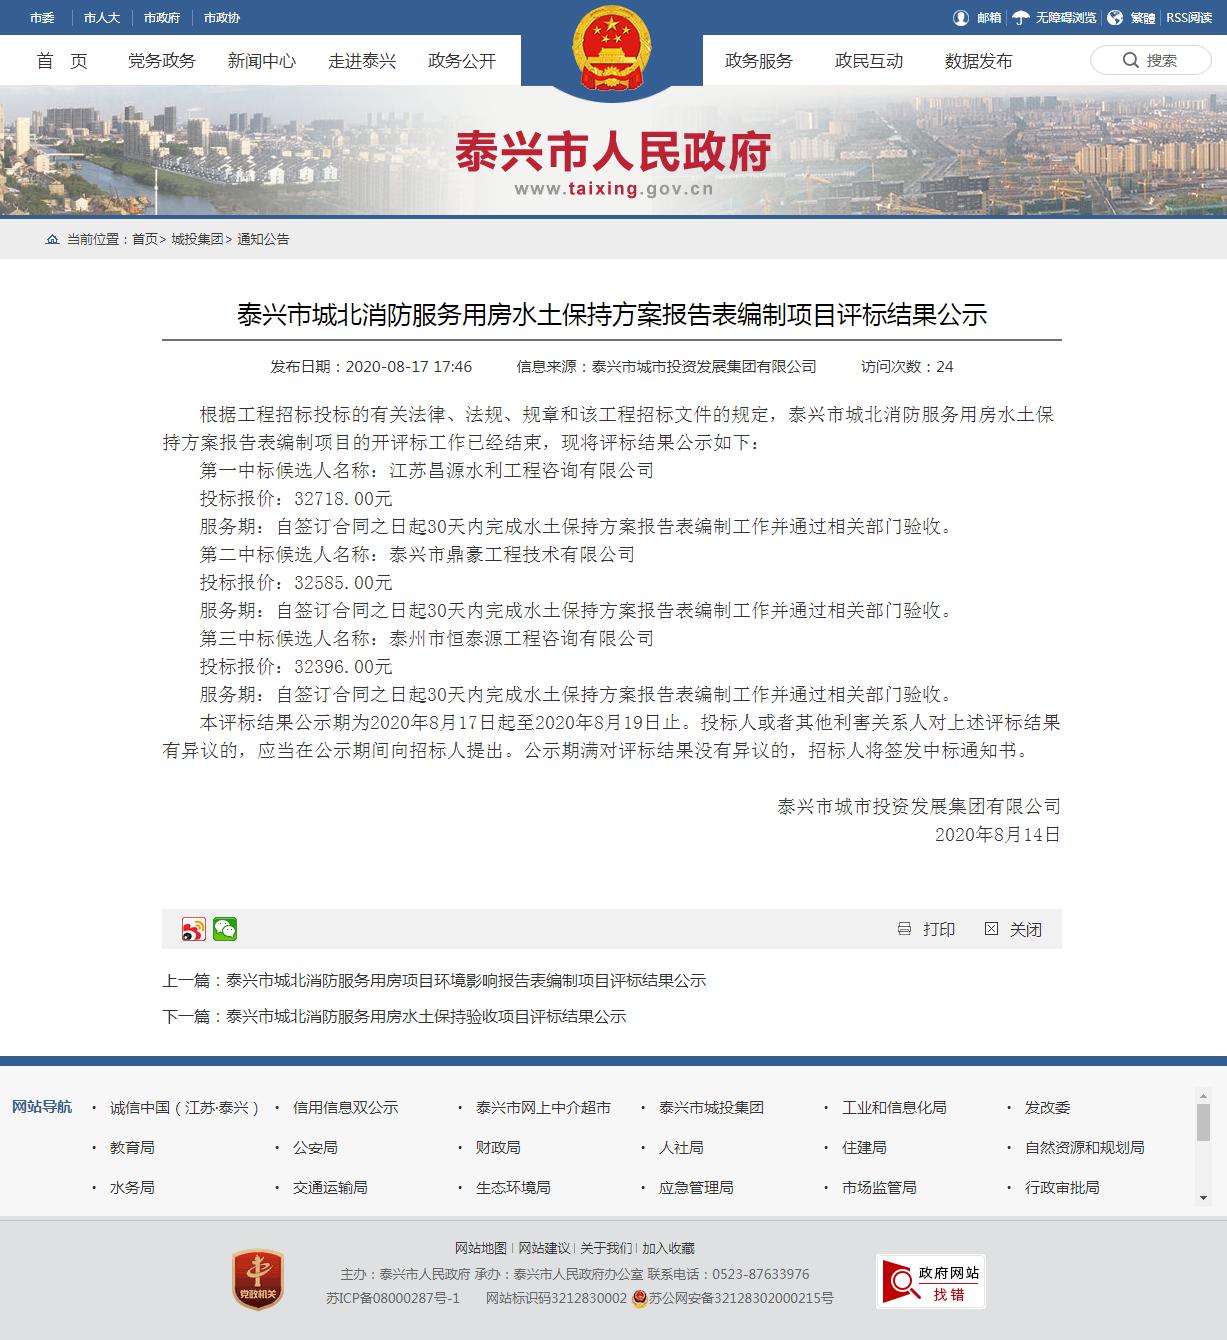 公司中标泰兴市城北消防服务用房水土保持方案报告表编制项目